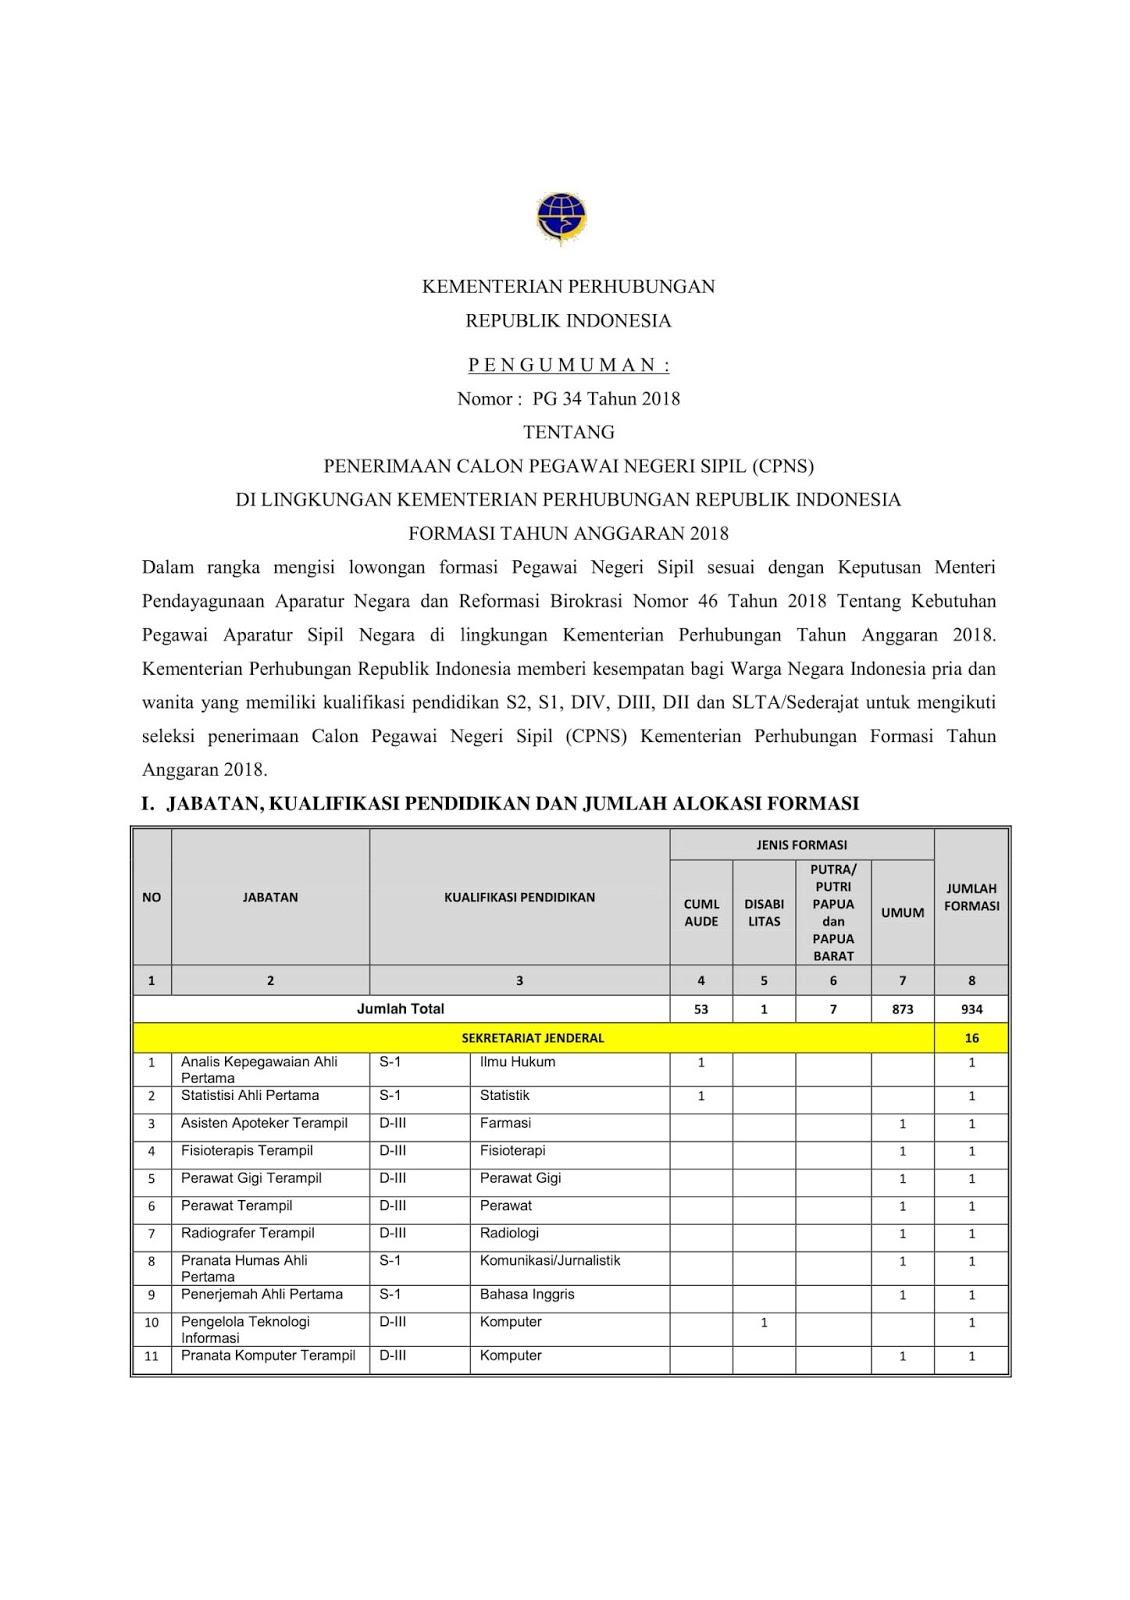 Lowongan Kerja  Rekrutmen CPNS Kementerian Perhubungan  Anggaran  [934 Formasi]  Oktober 2018